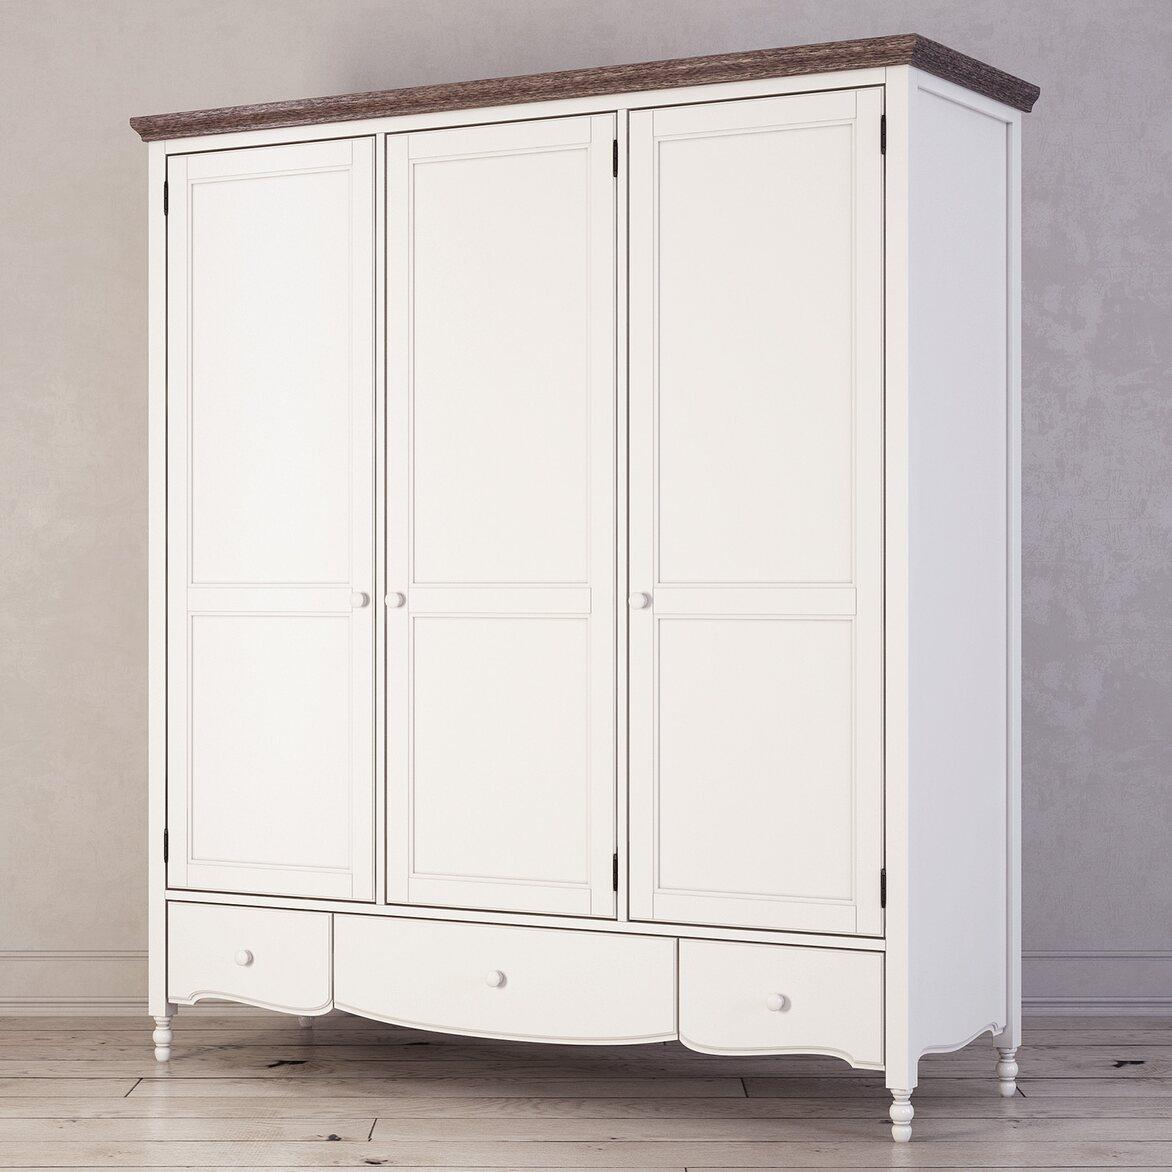 Шкаф трехстворчатый Leblanc, белый 2 | Платяные шкафы Kingsby